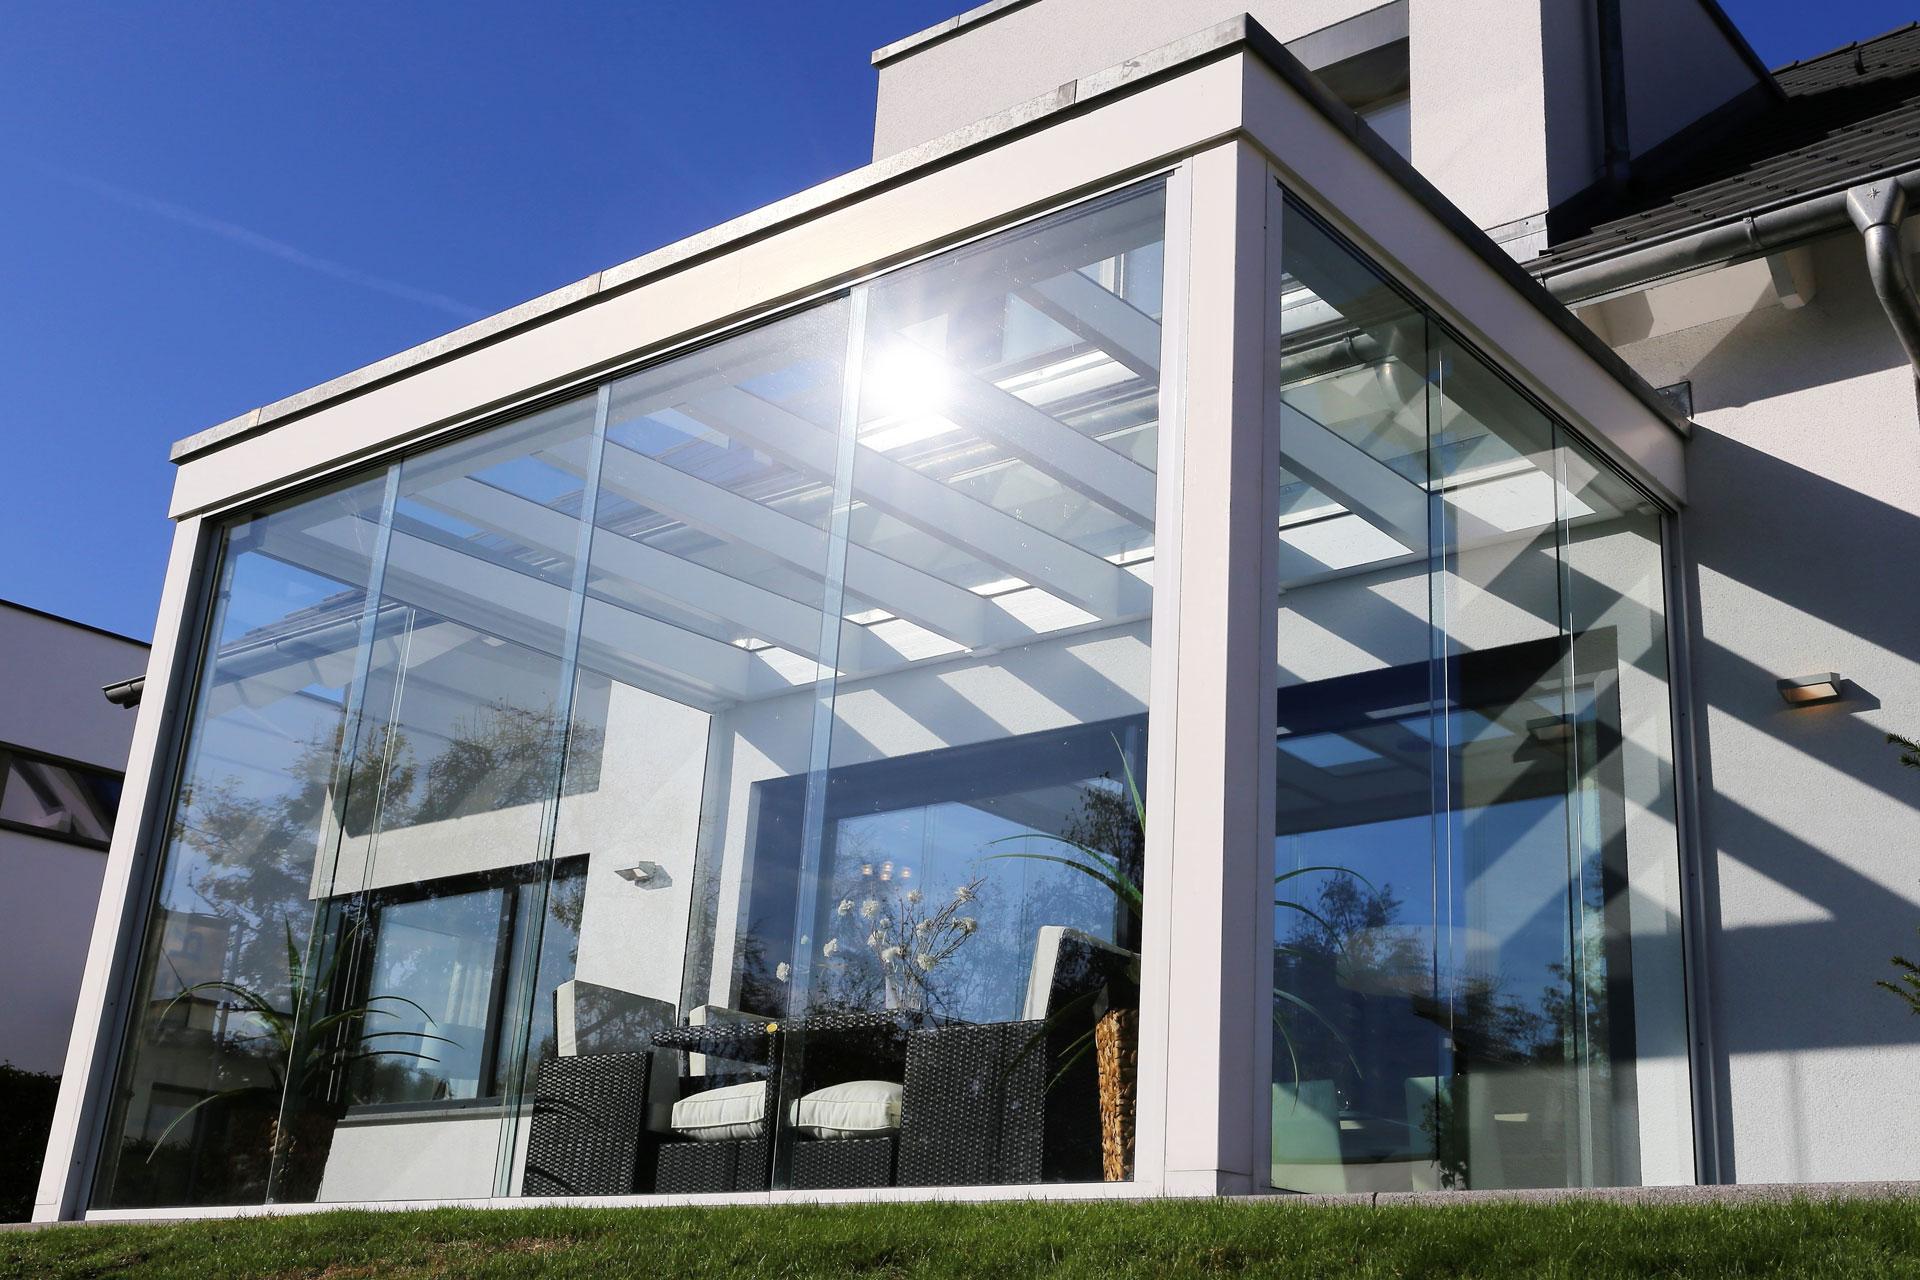 Rieser-Fenster Leistungen Wintergarten